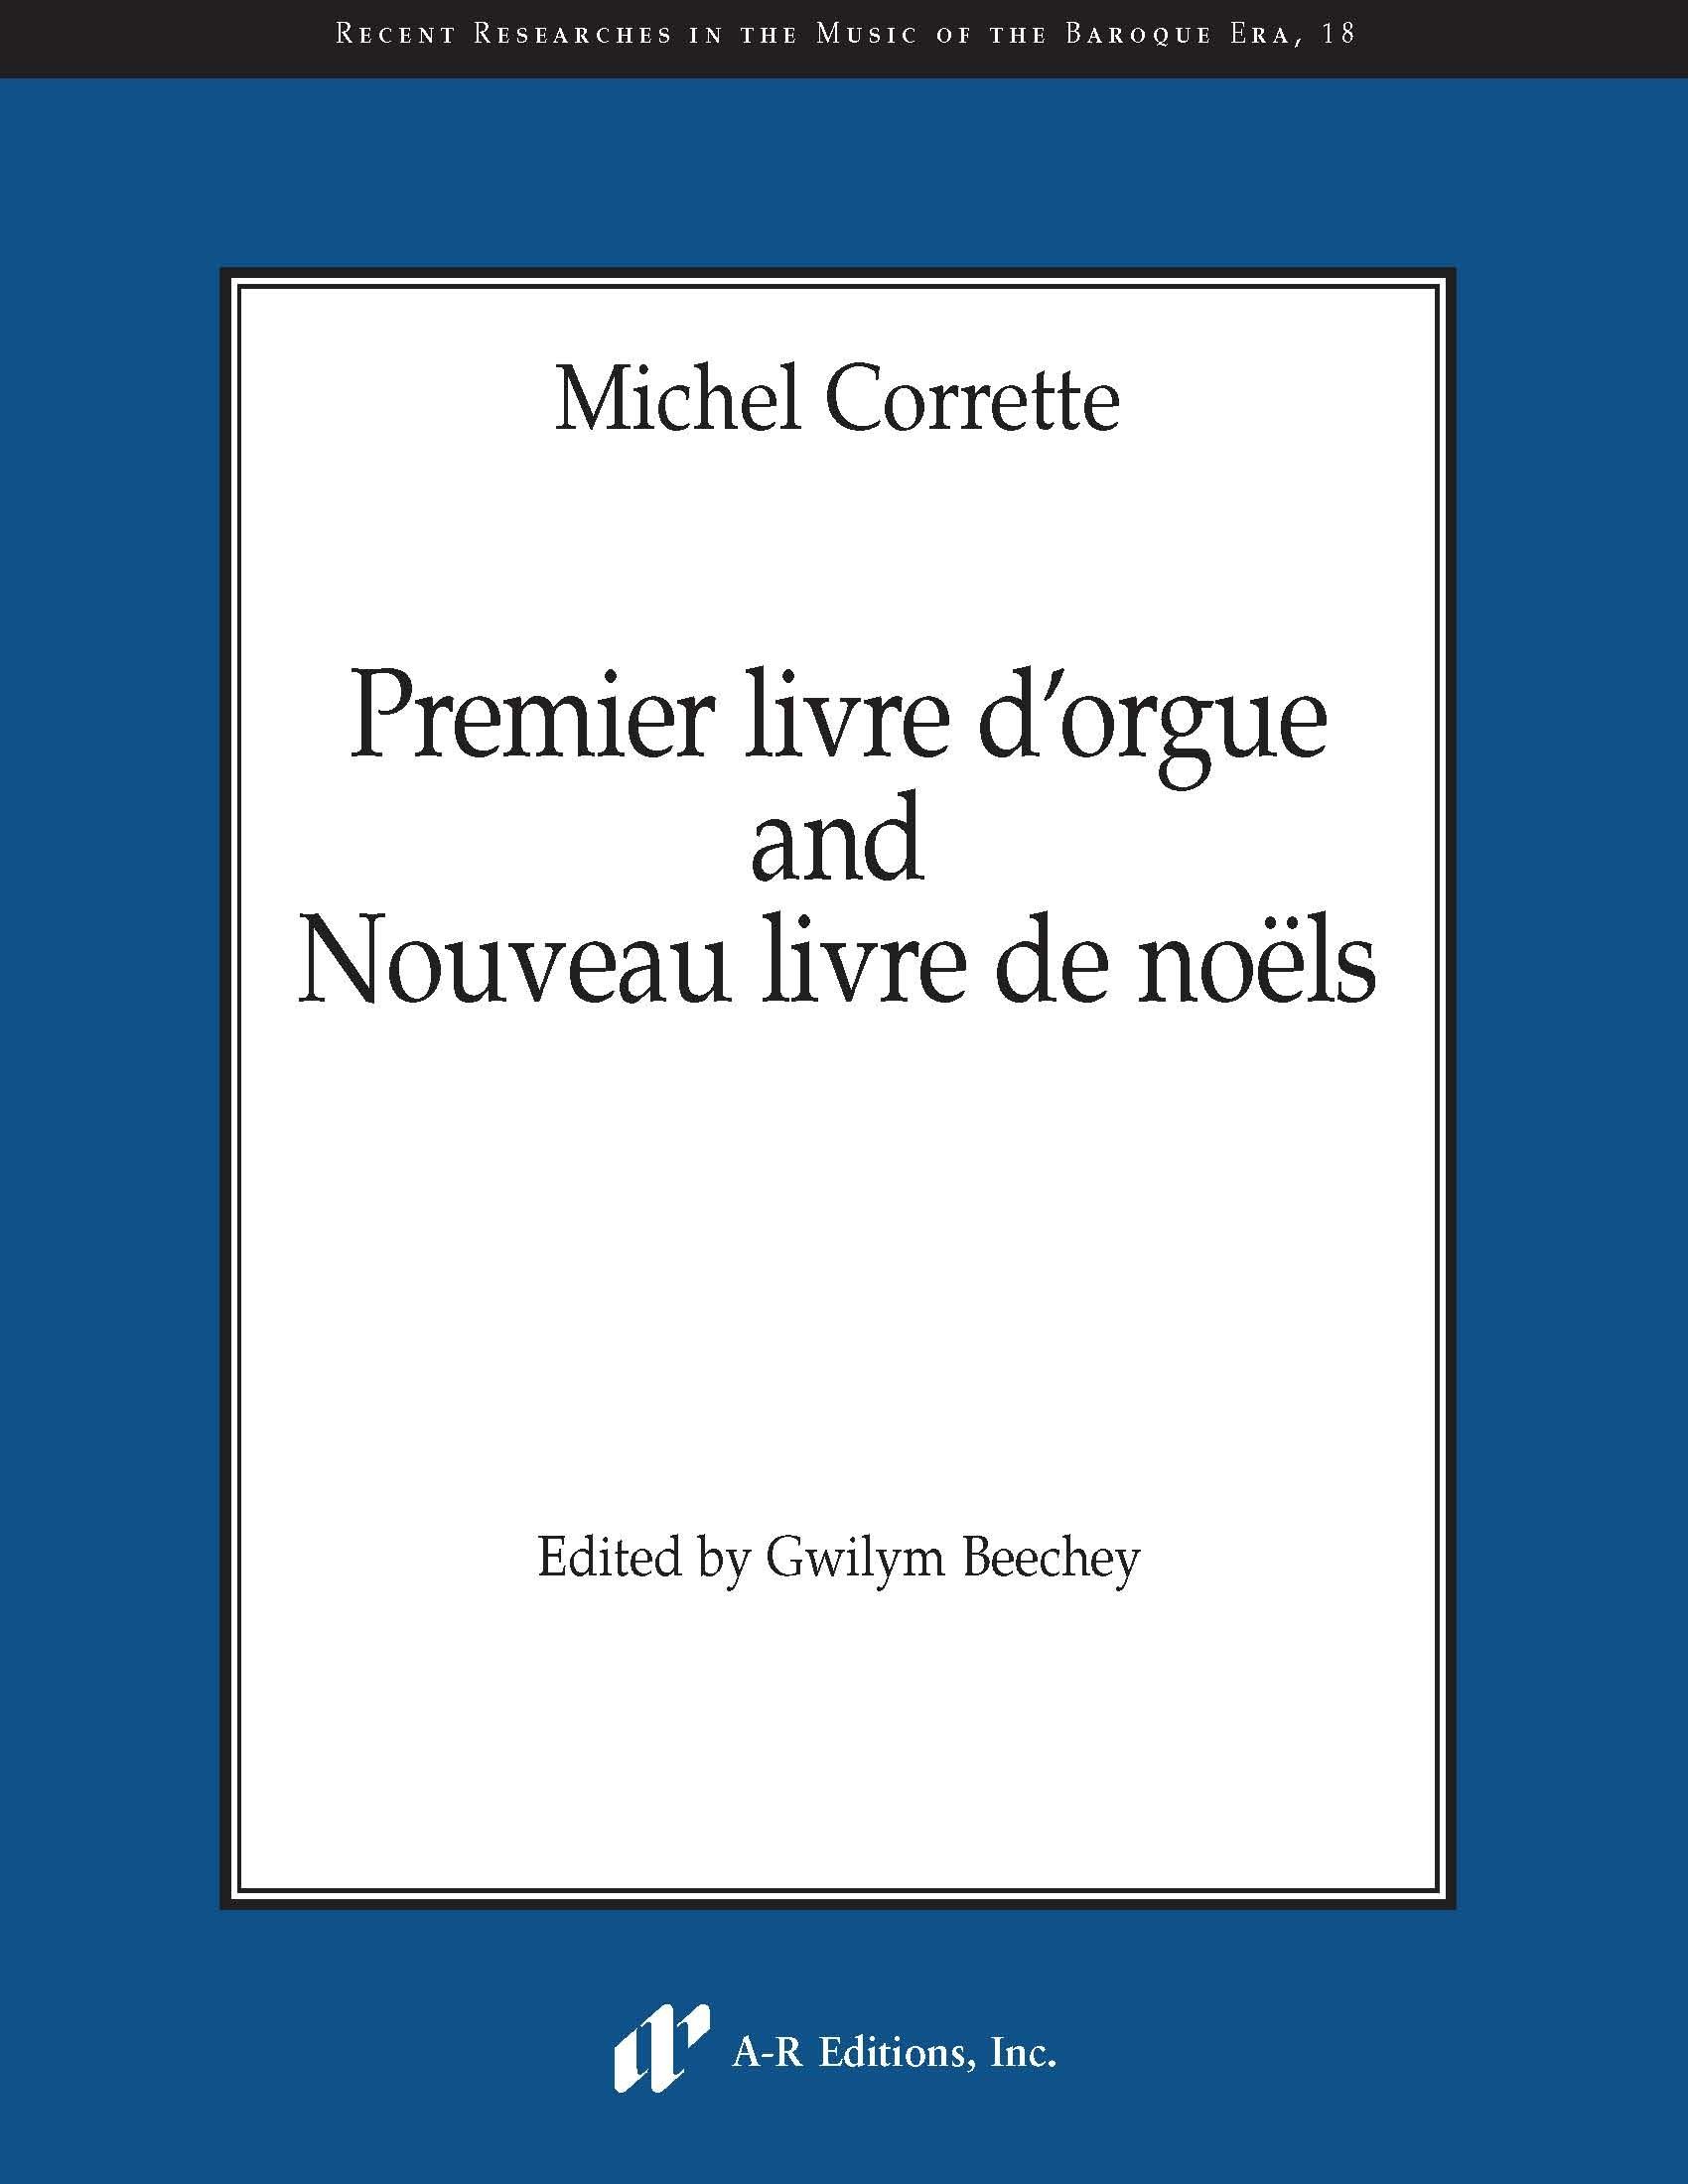 Corrette: Premier livre d'orgue and Nouveau livre de noëls